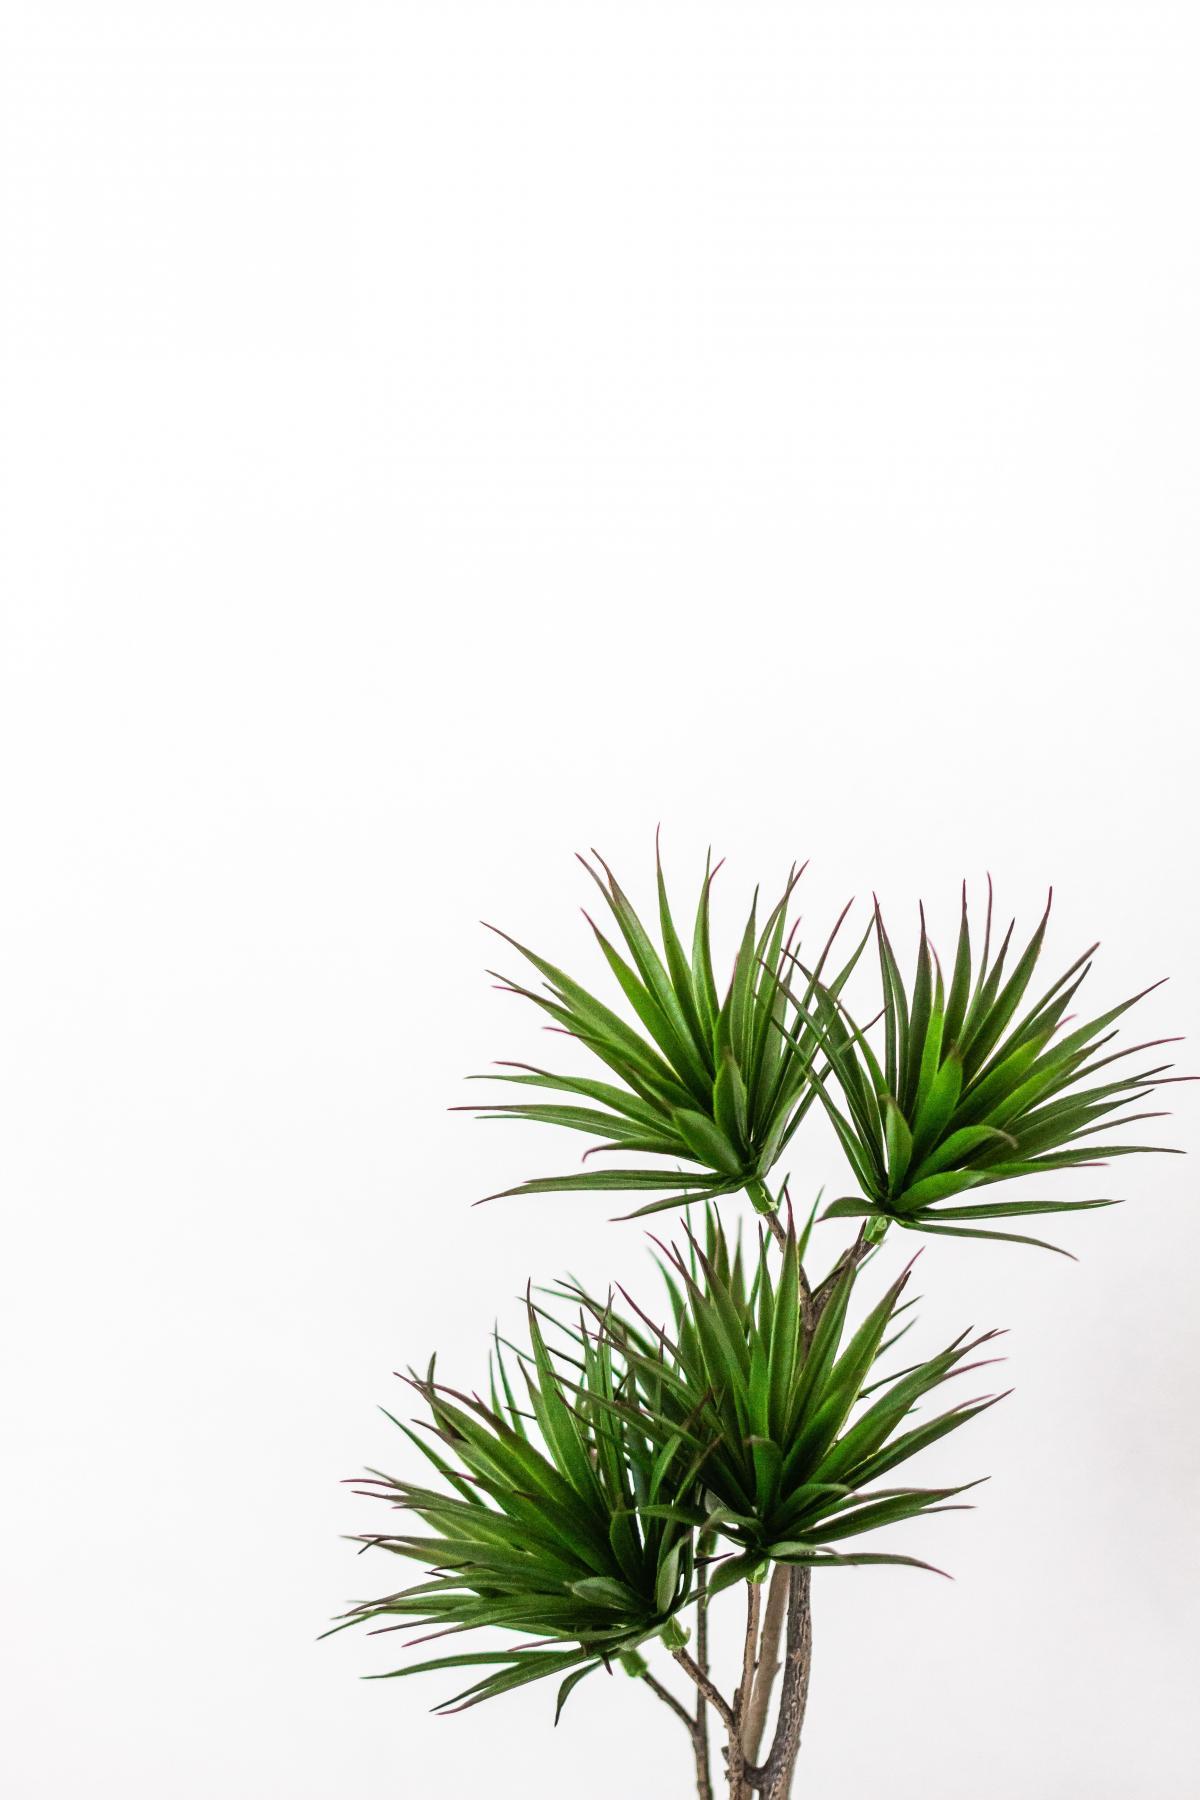 Evergreen Plant Fir #423393